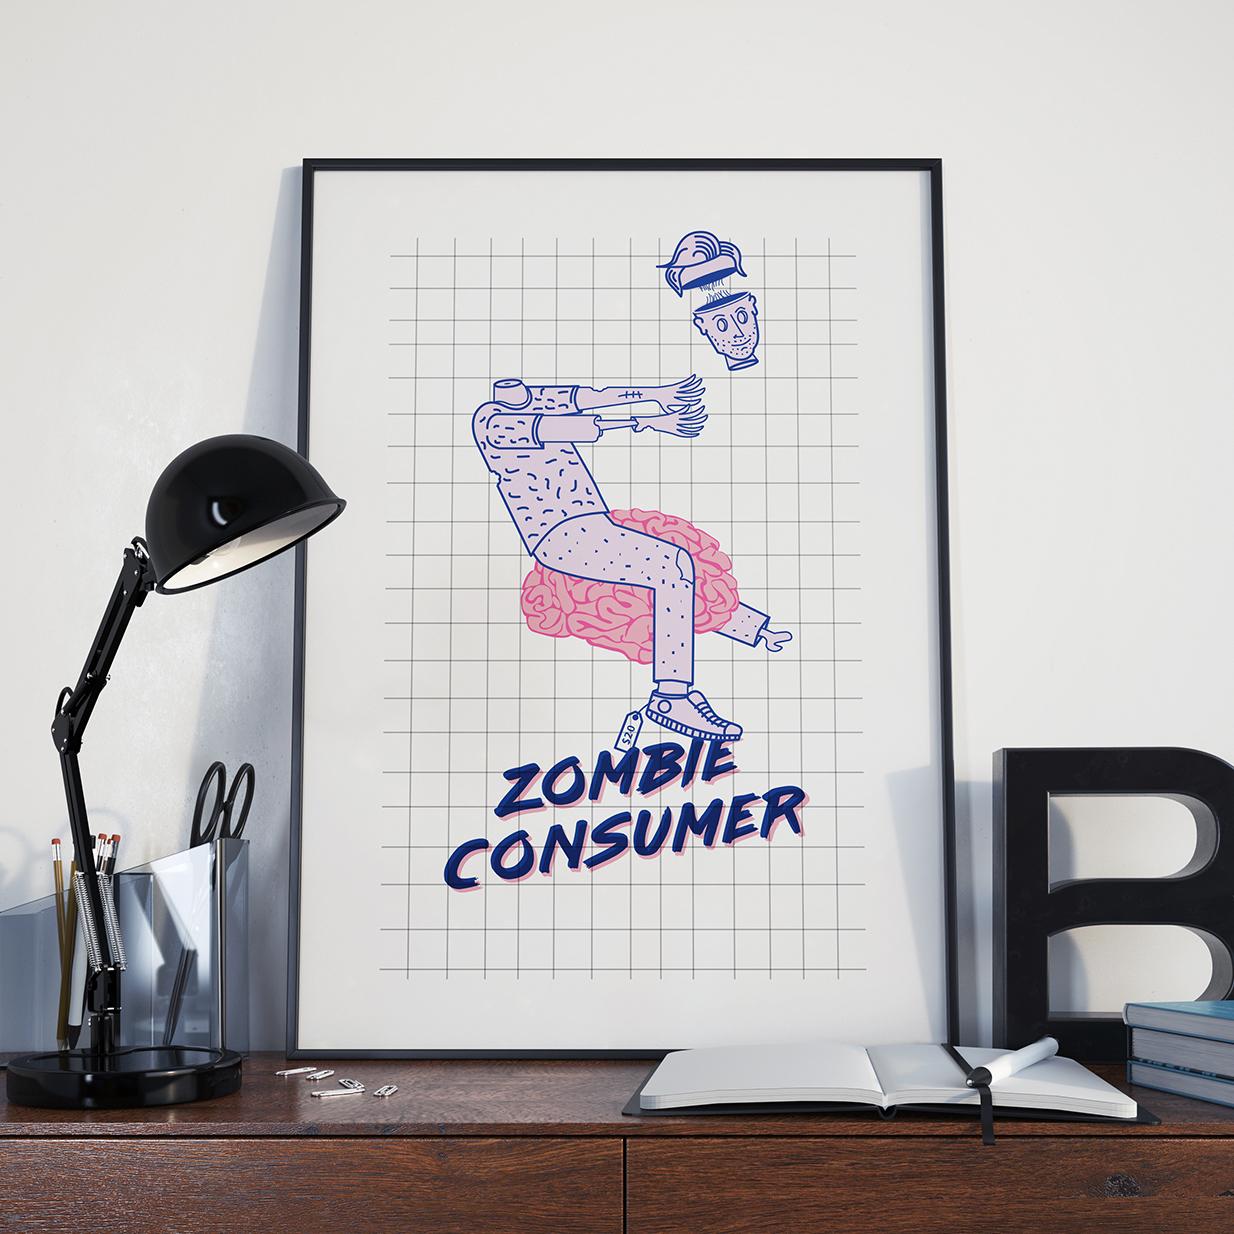 Zombie Consumer